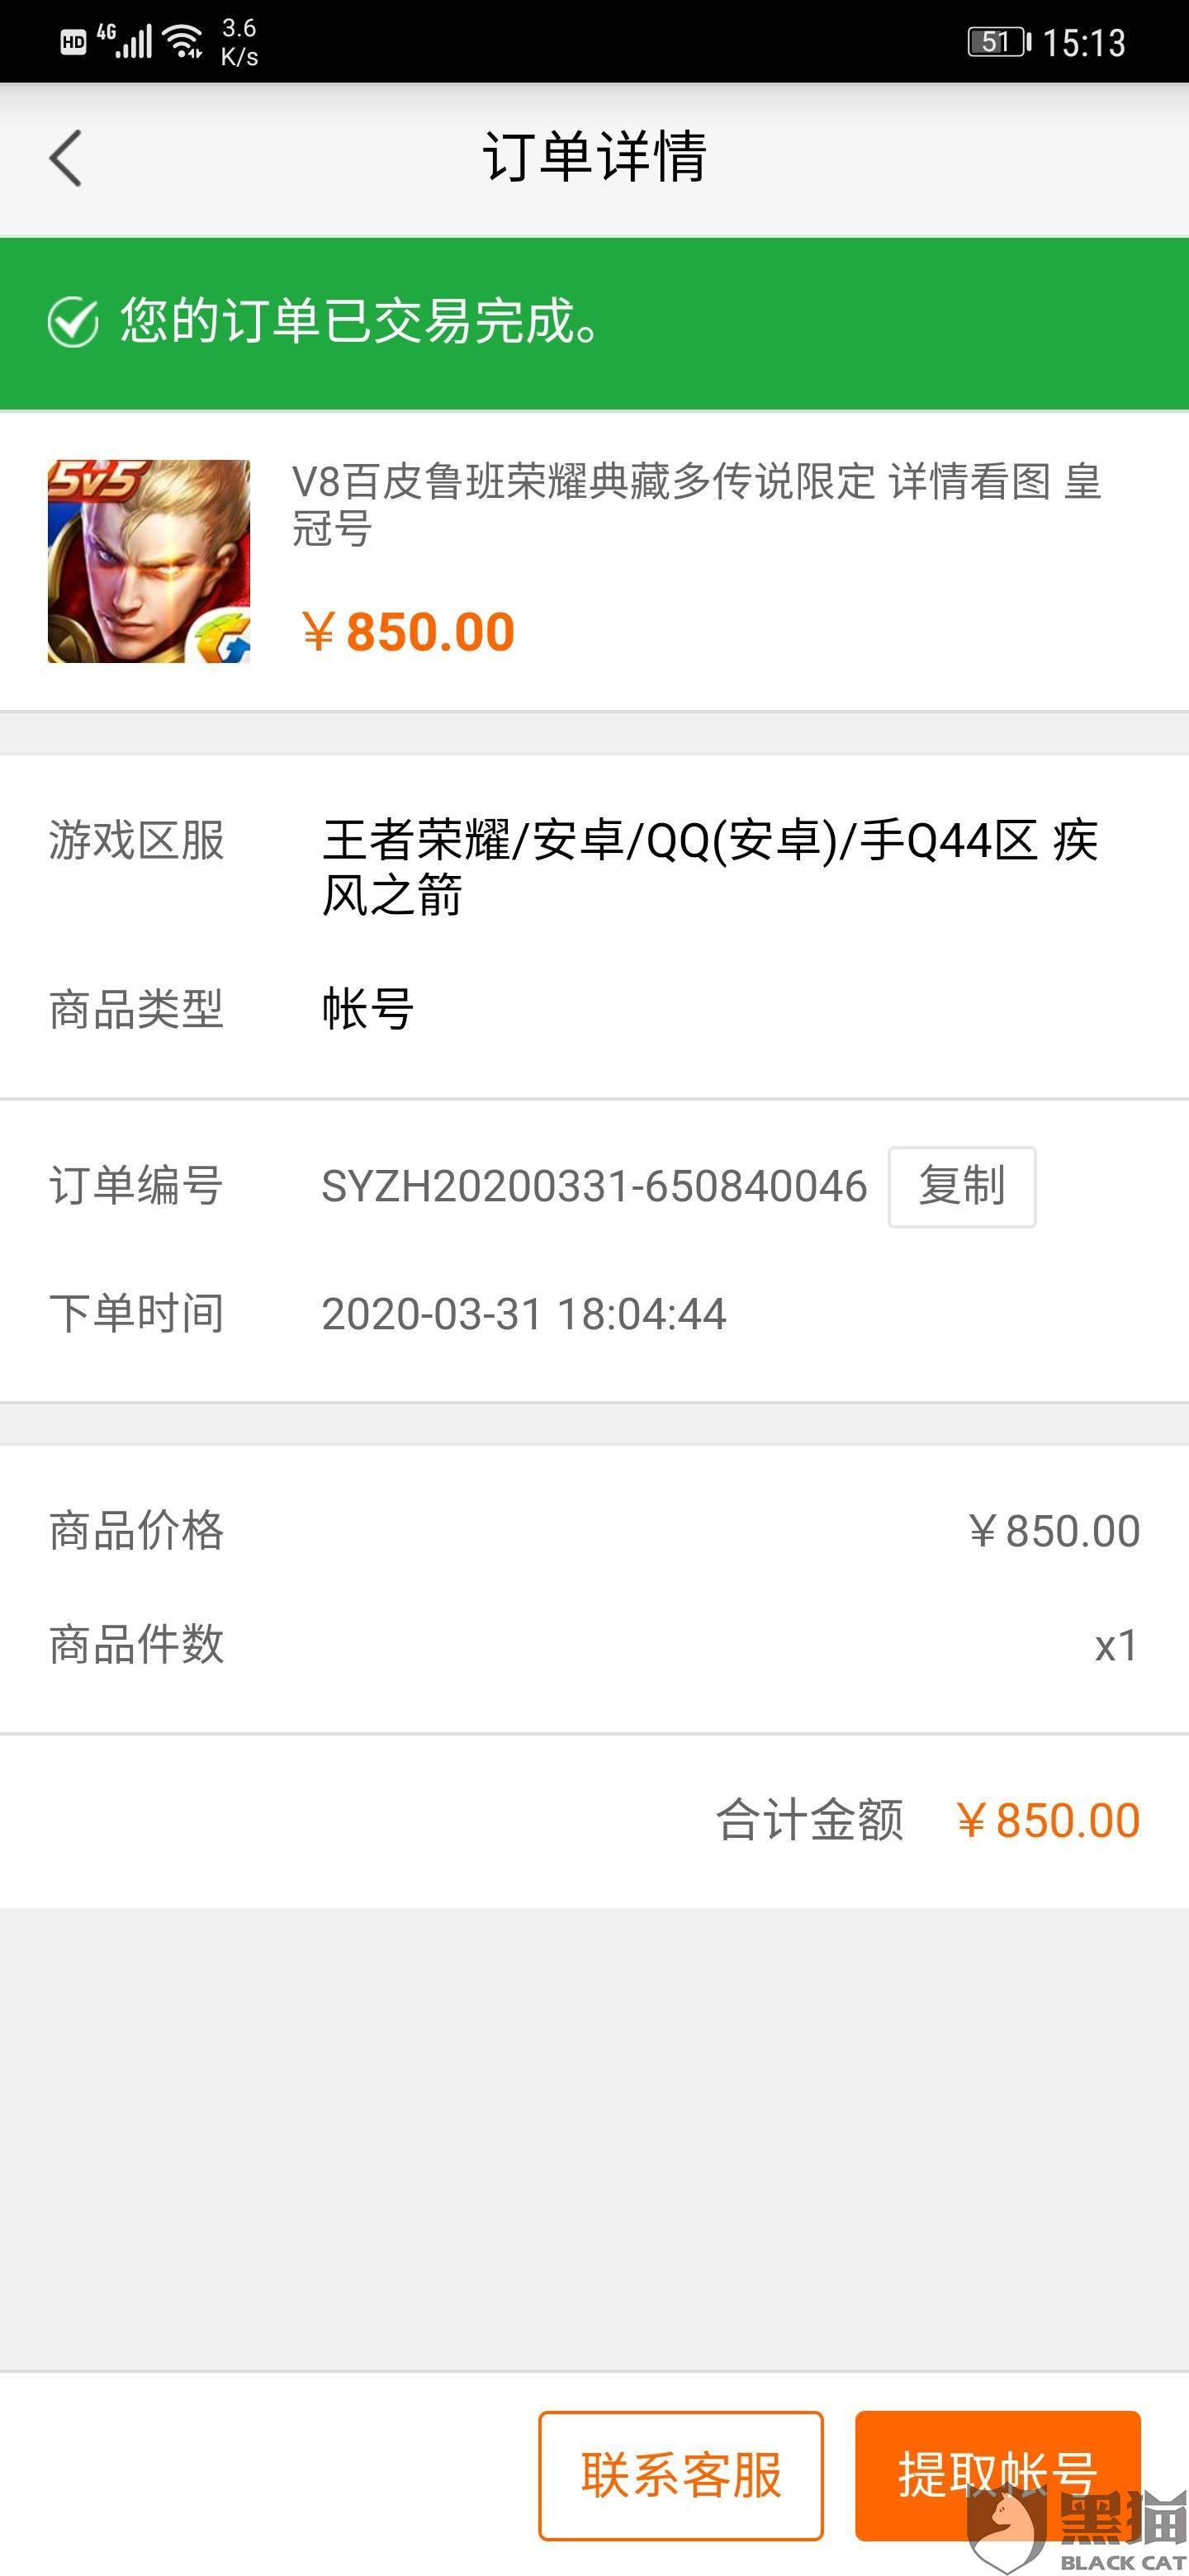 黑猫投诉:我在5173账号交易平台买的账号隔了一天被卖家找回,平台客服不处理